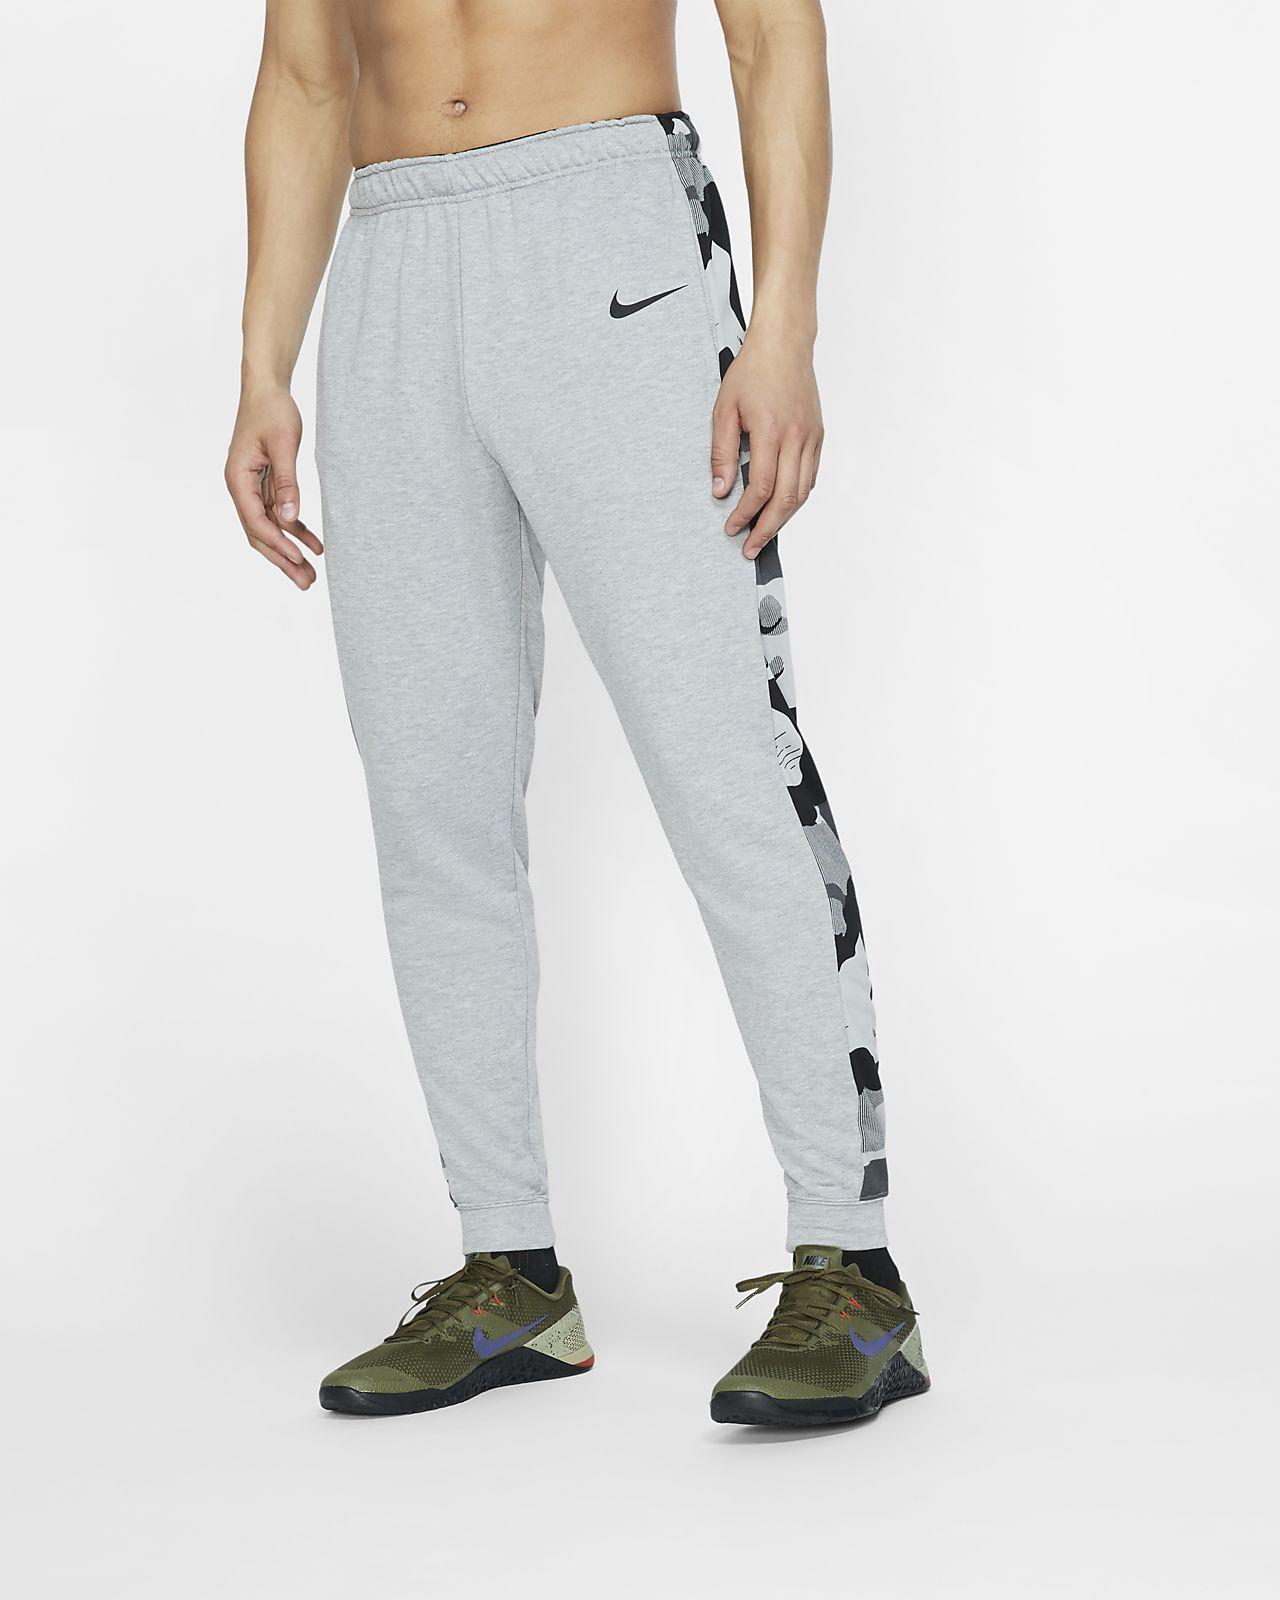 Pantalon de training fuselé en tissu Fleece Nike Dri-FIT pour Homme